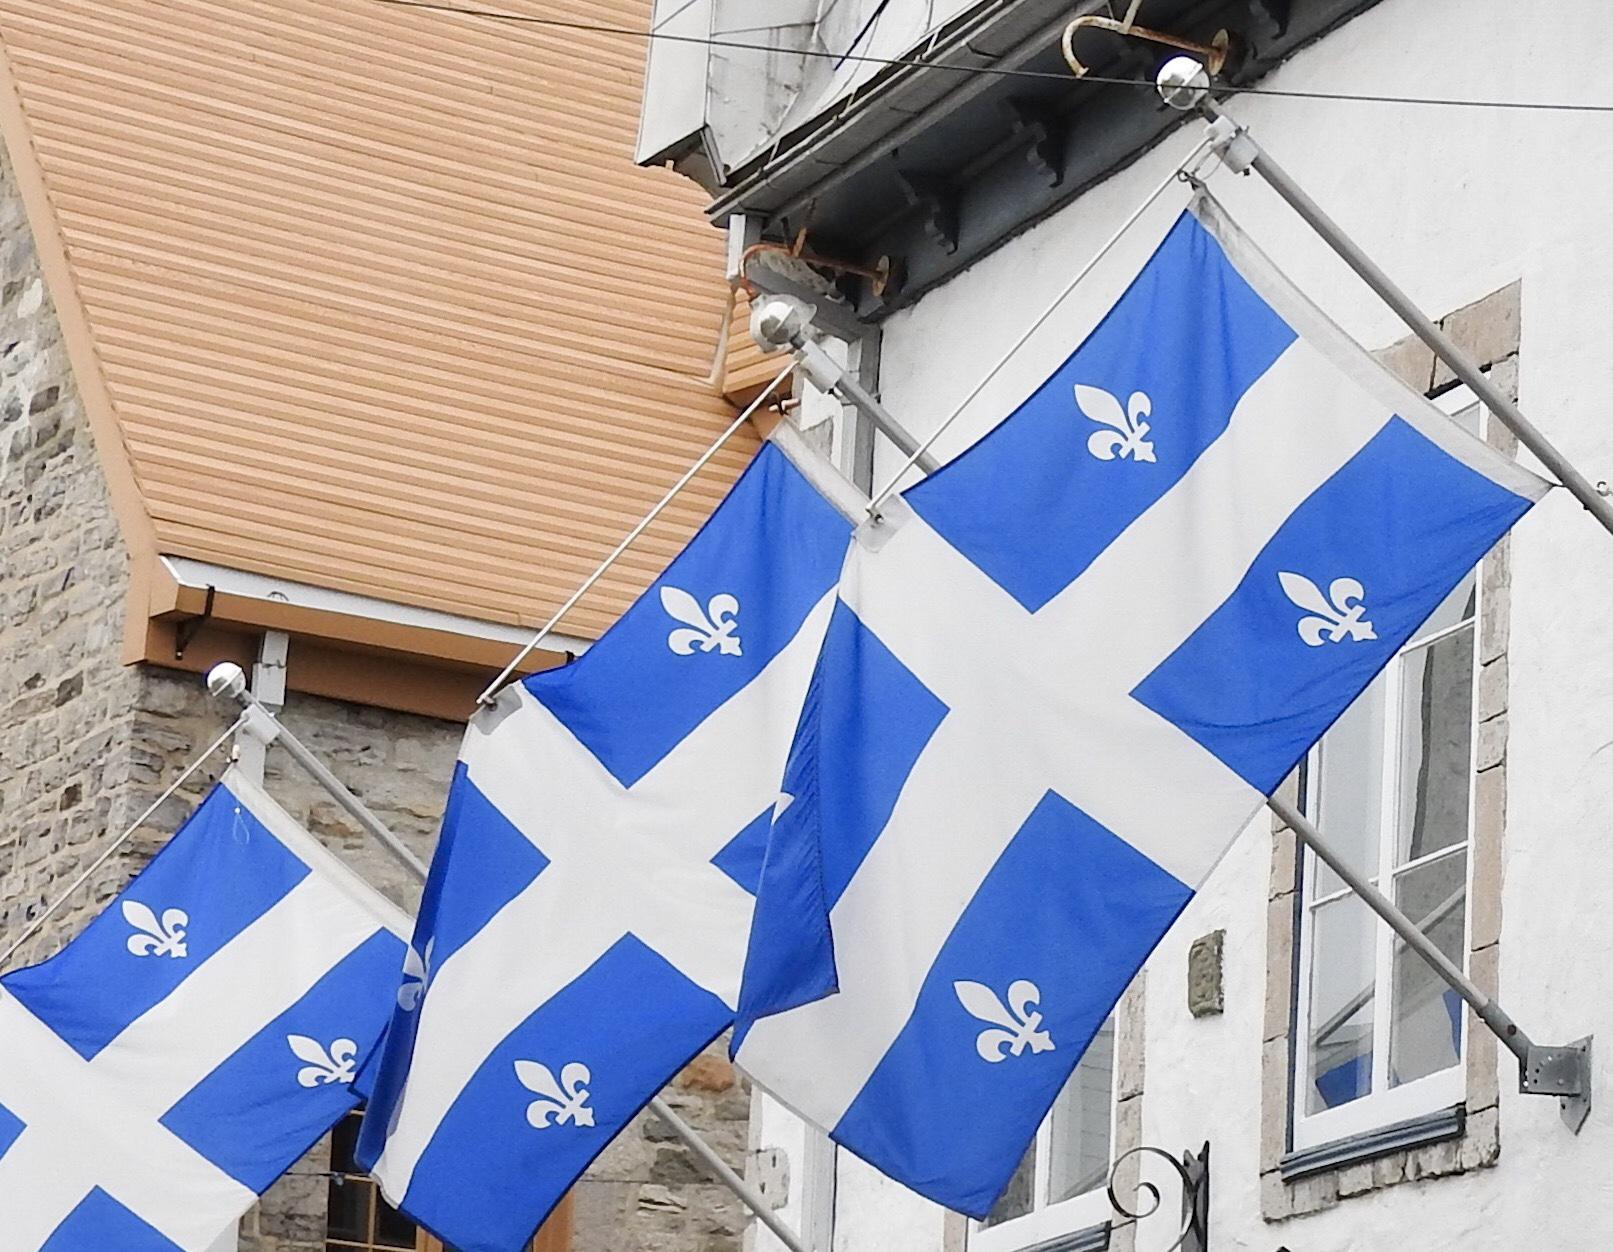 ケベック州旗の意味